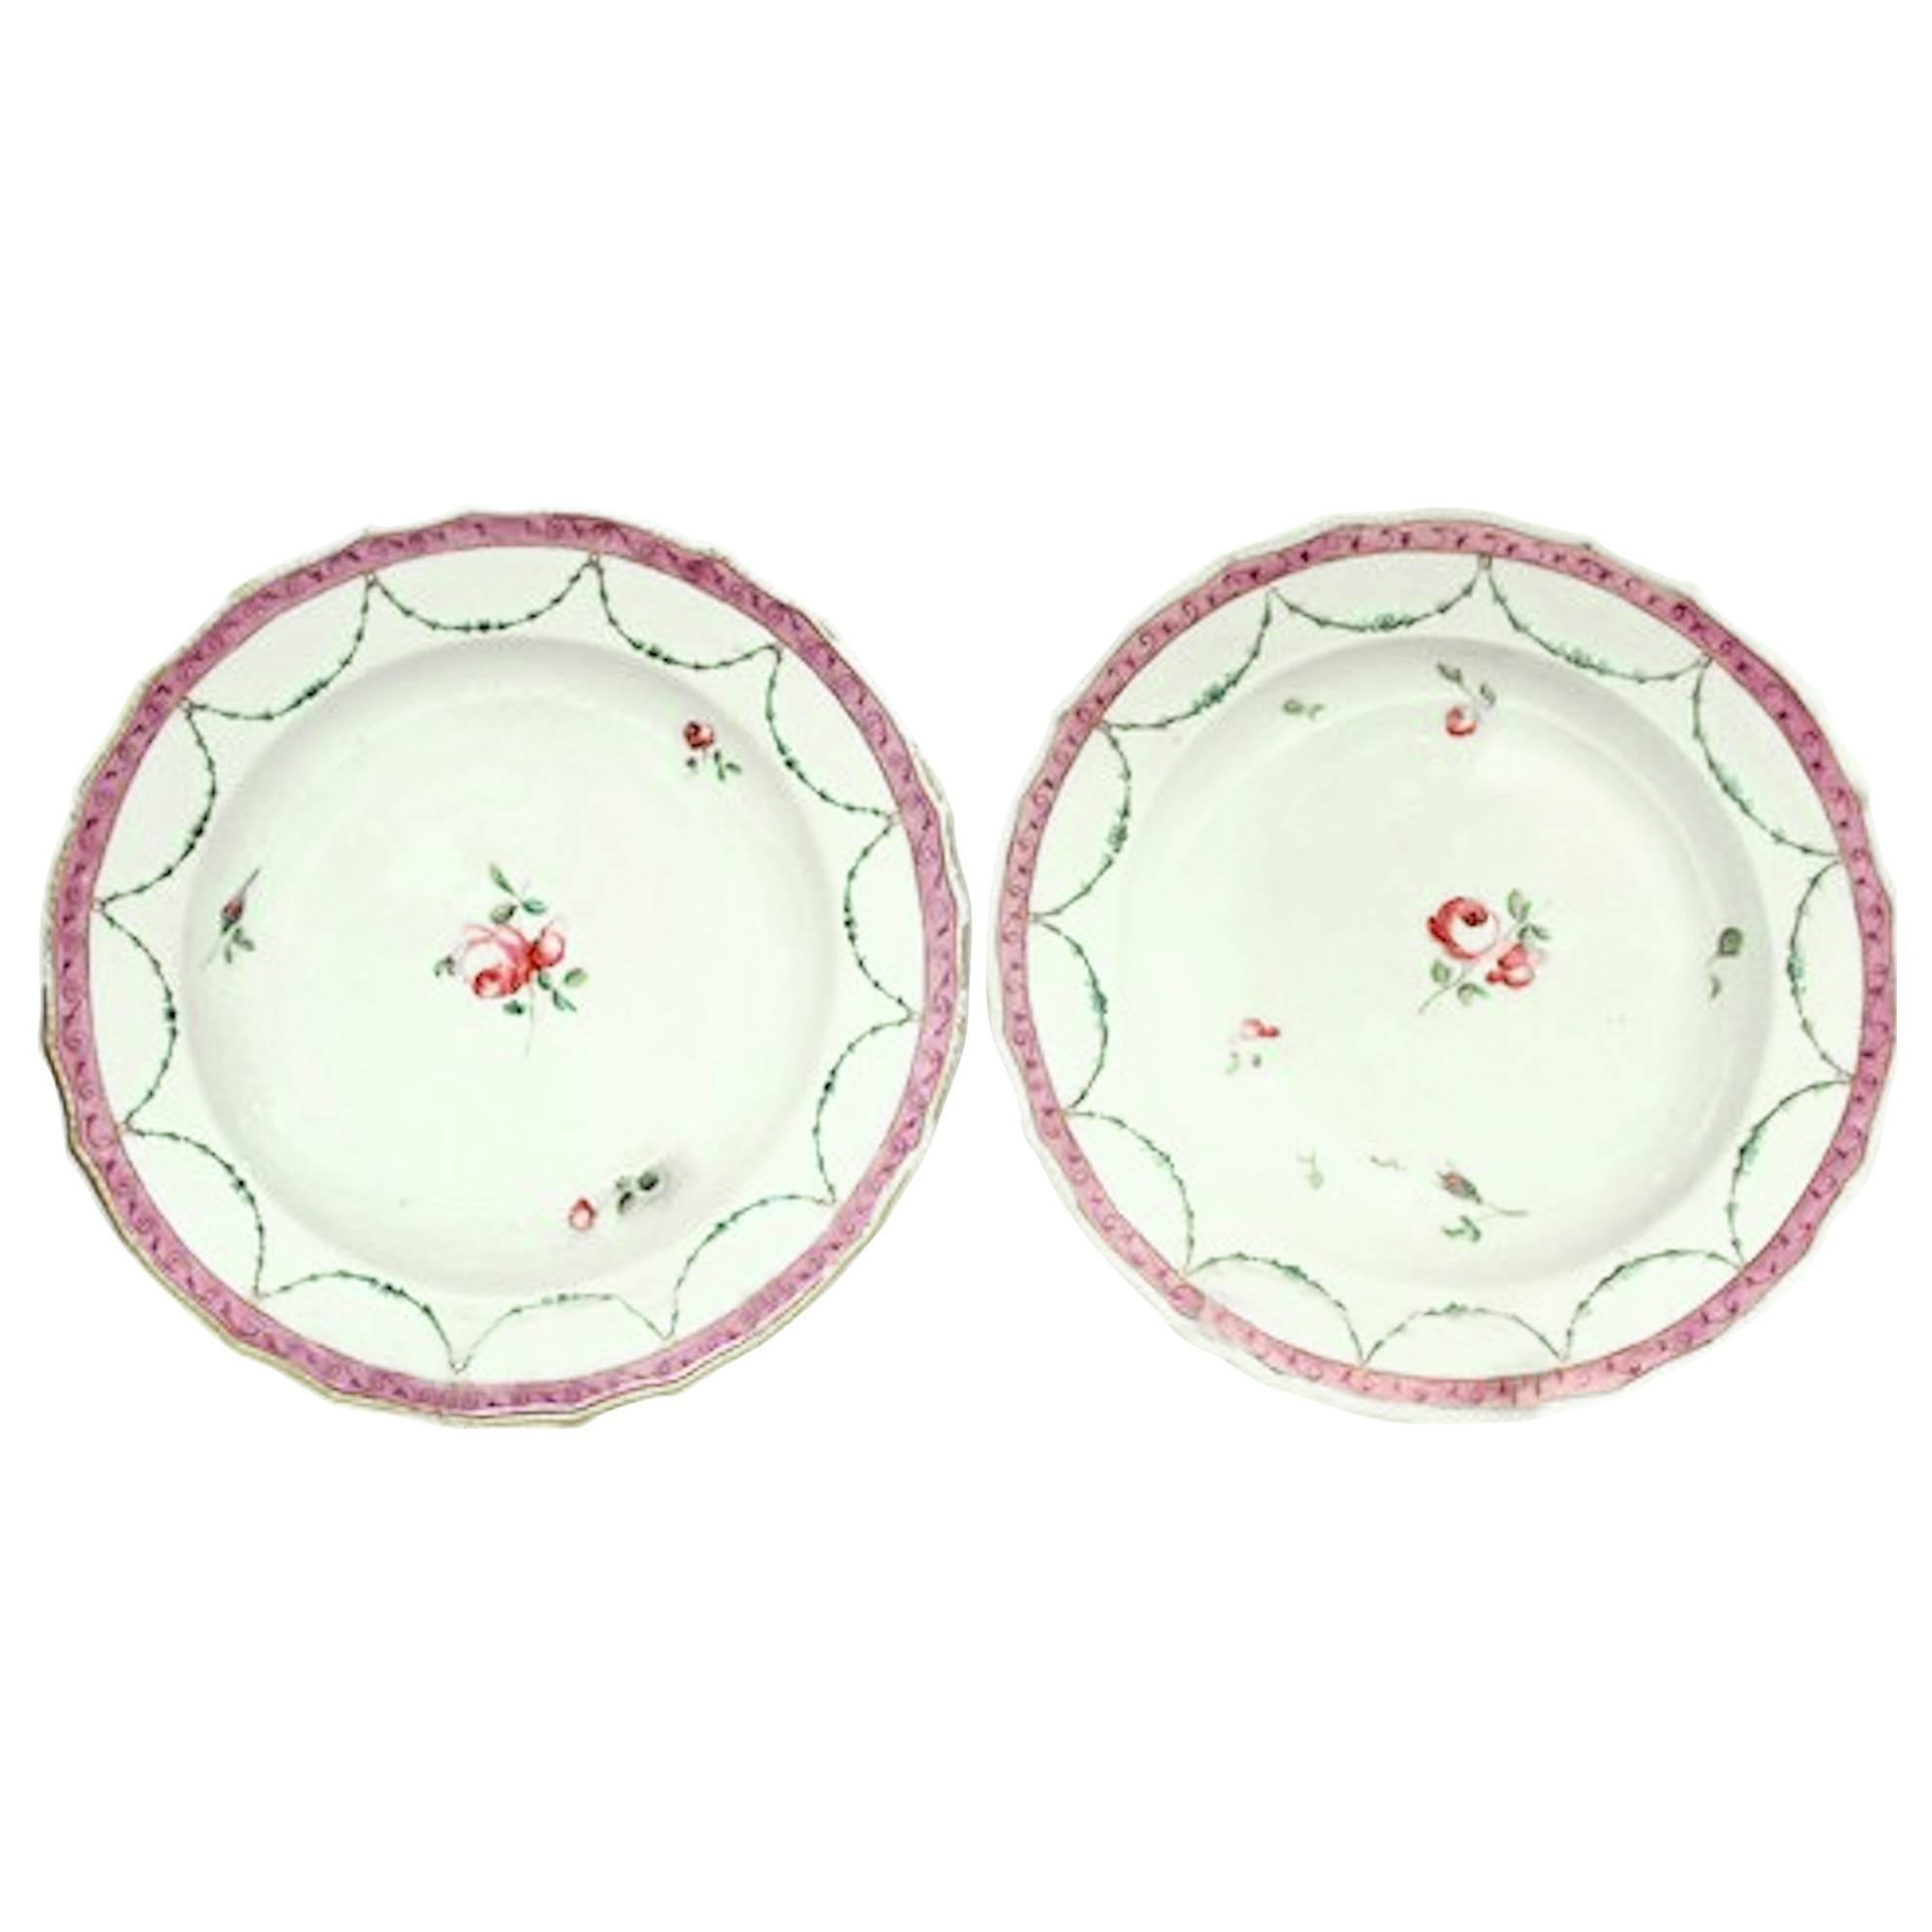 Pair of Antique English Chelsea-Derby Porcelain Neoclassical Rim Soup Plates